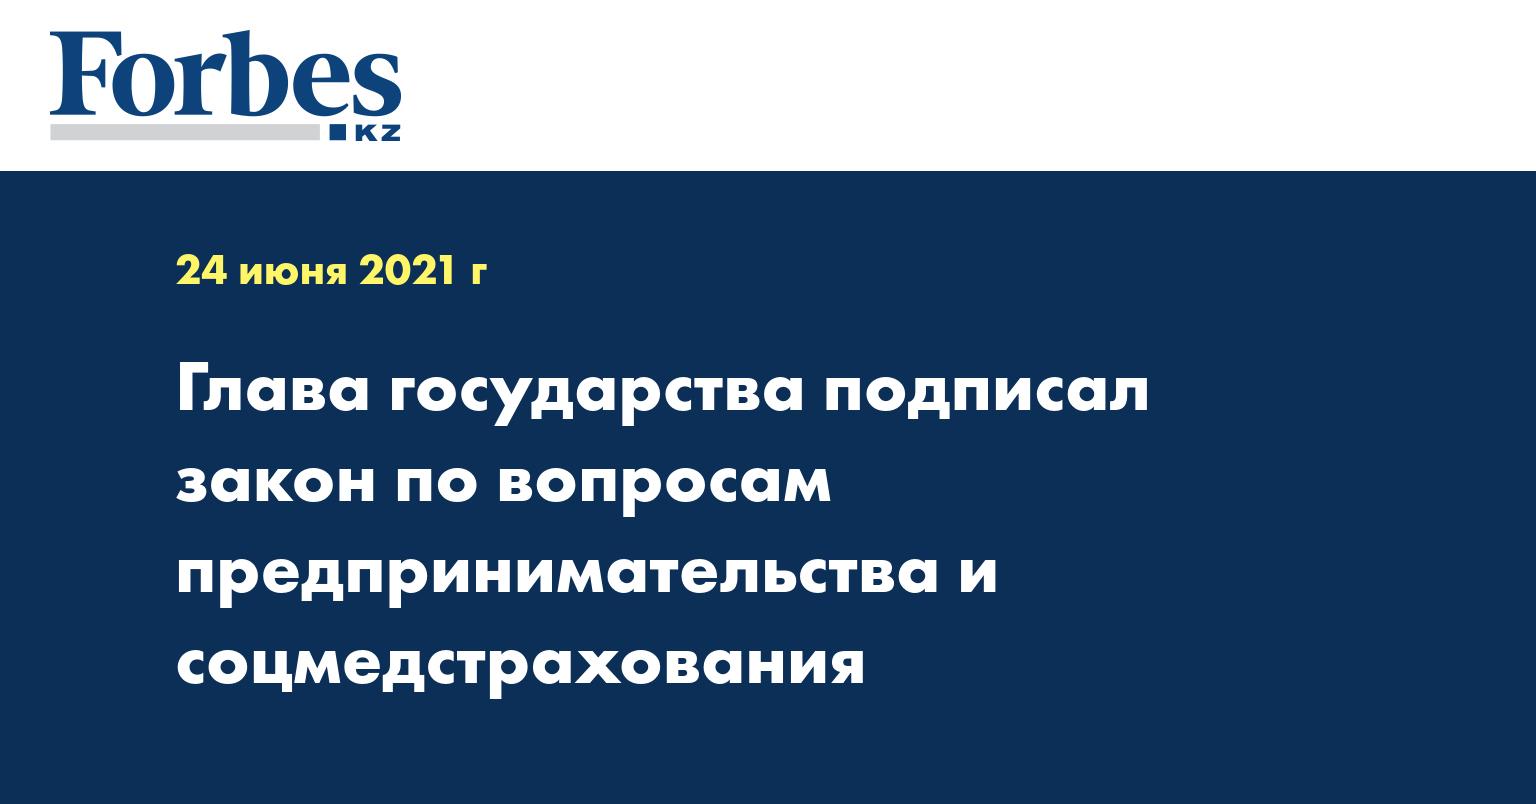 Глава государства подписал закон по вопросам предпринимательства и соцмедстрахования